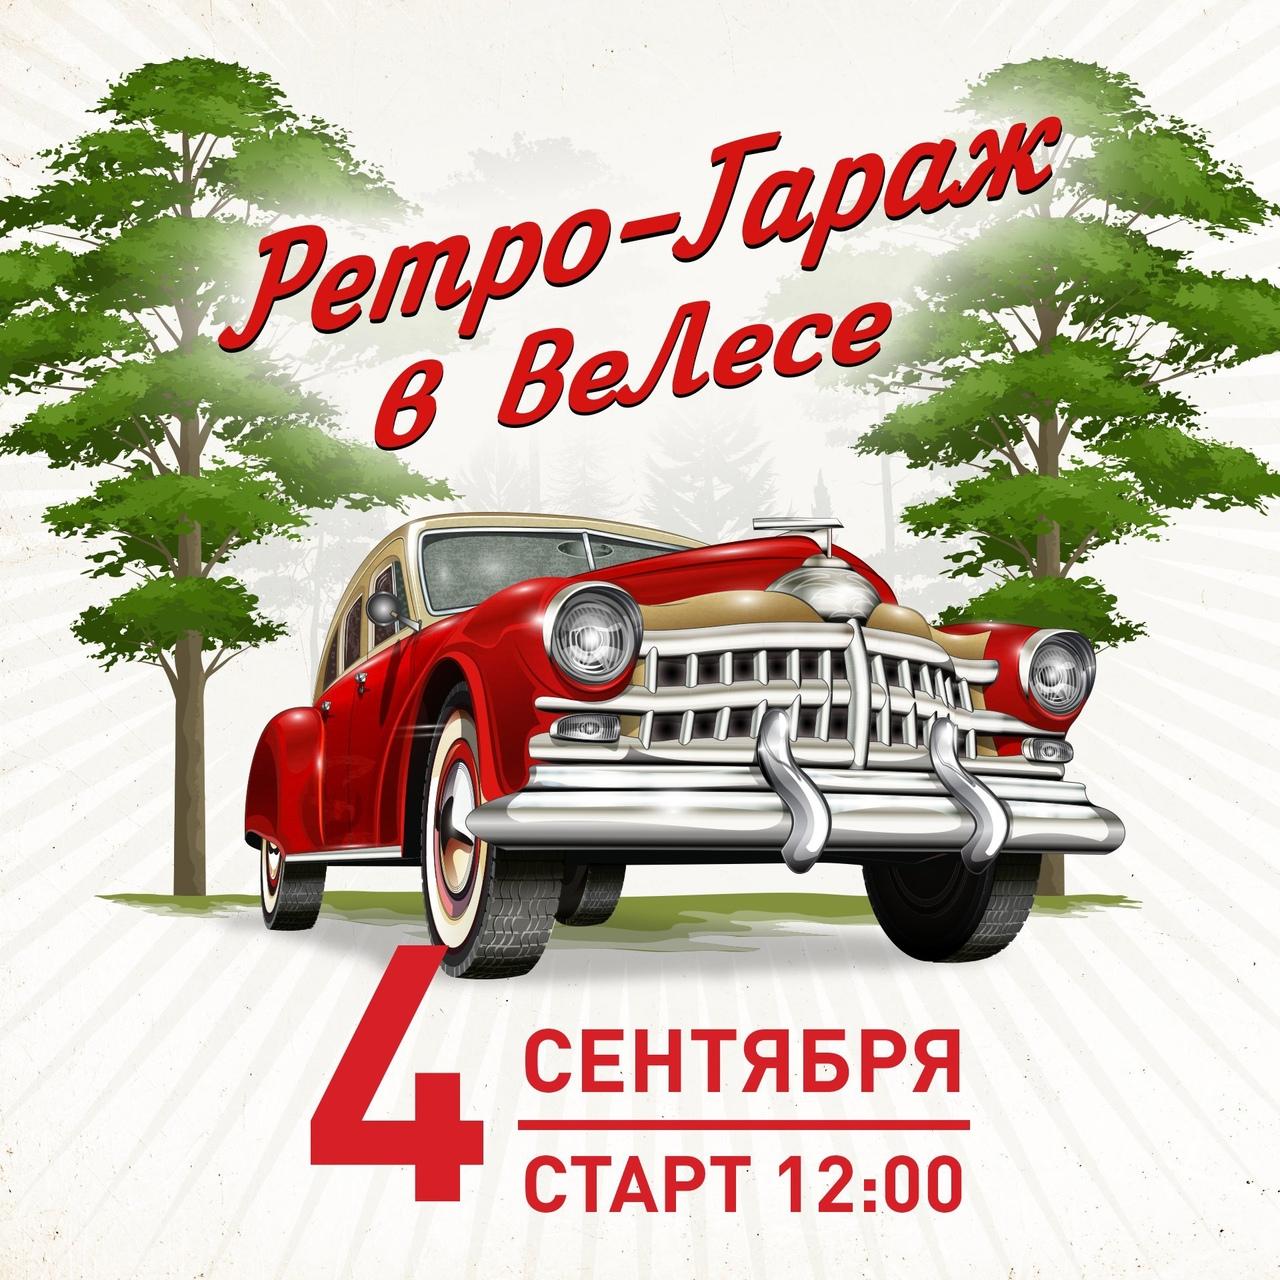 04.09 Ретро-Граж в ВеЛесе!!!